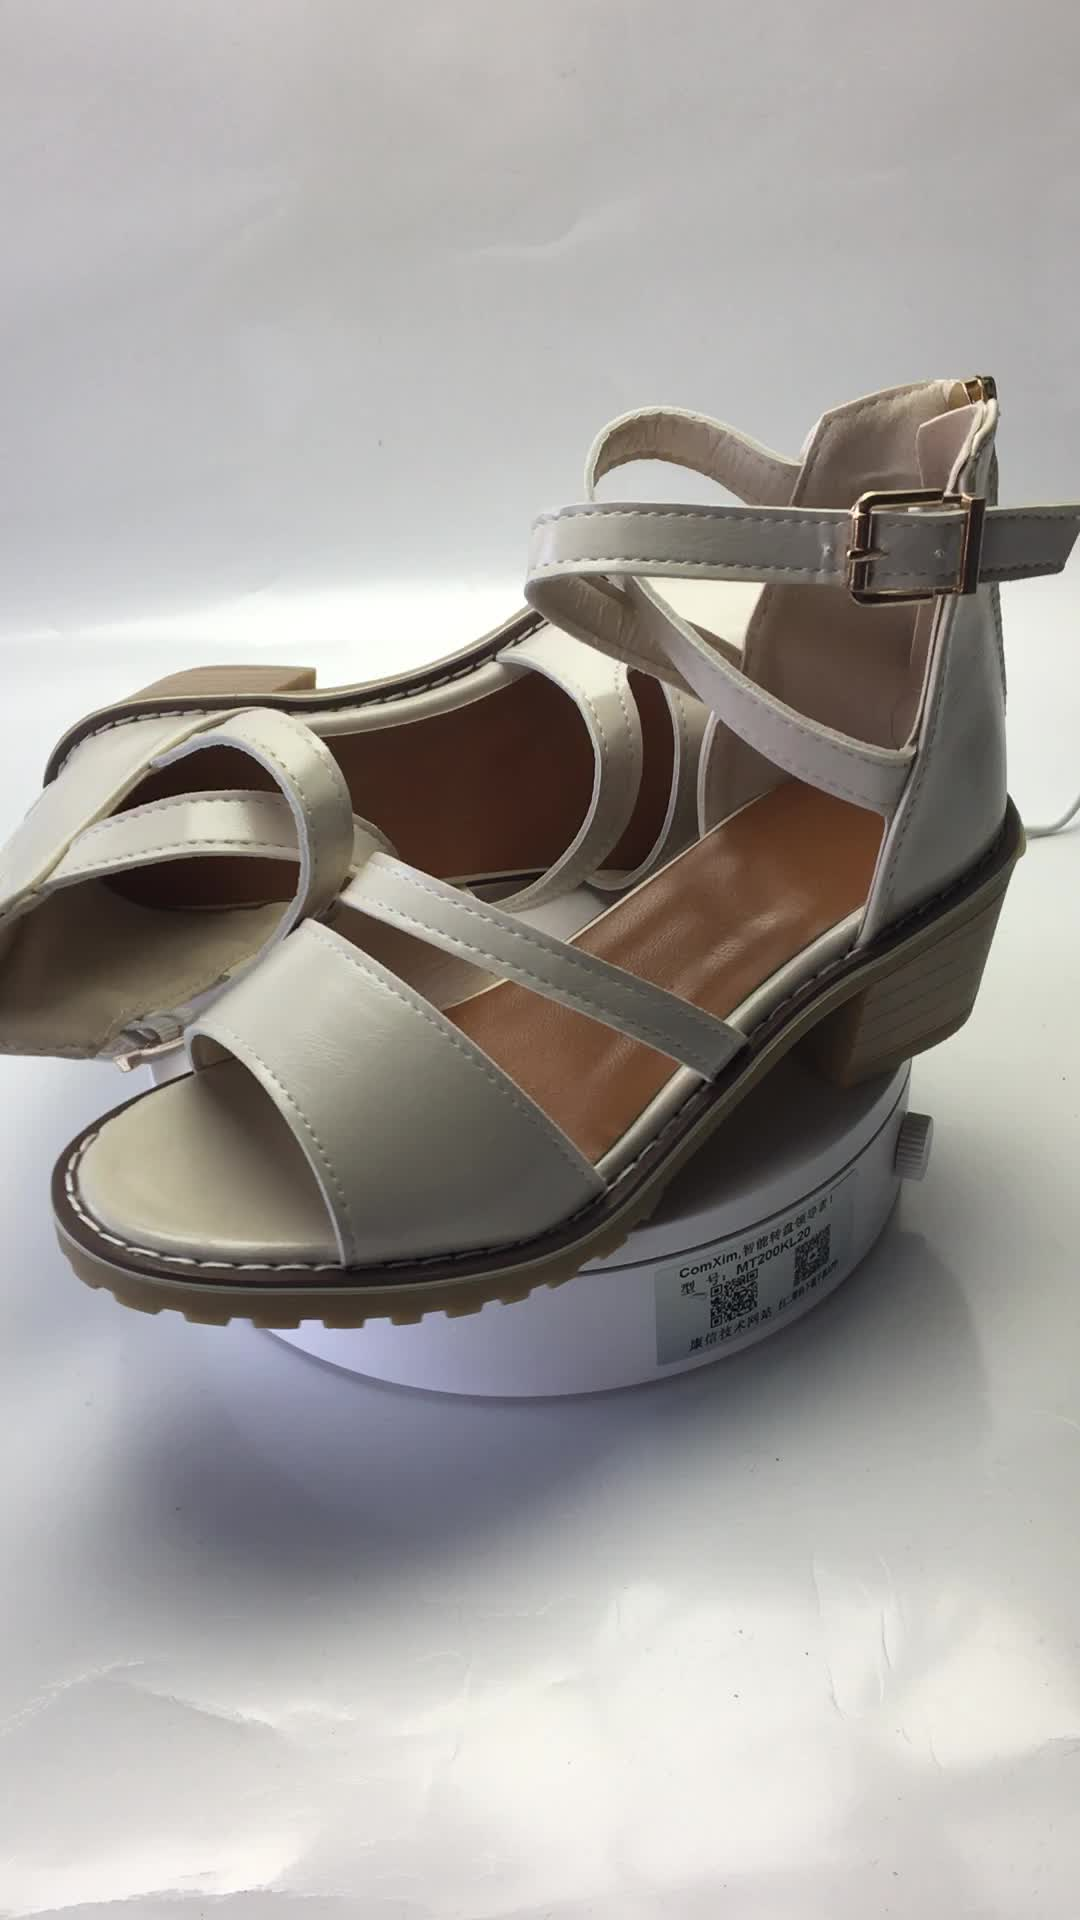 2018新款女式高跟凉鞋春夏季粗跟包根侧空鱼嘴女鞋搭扣一件代发潮